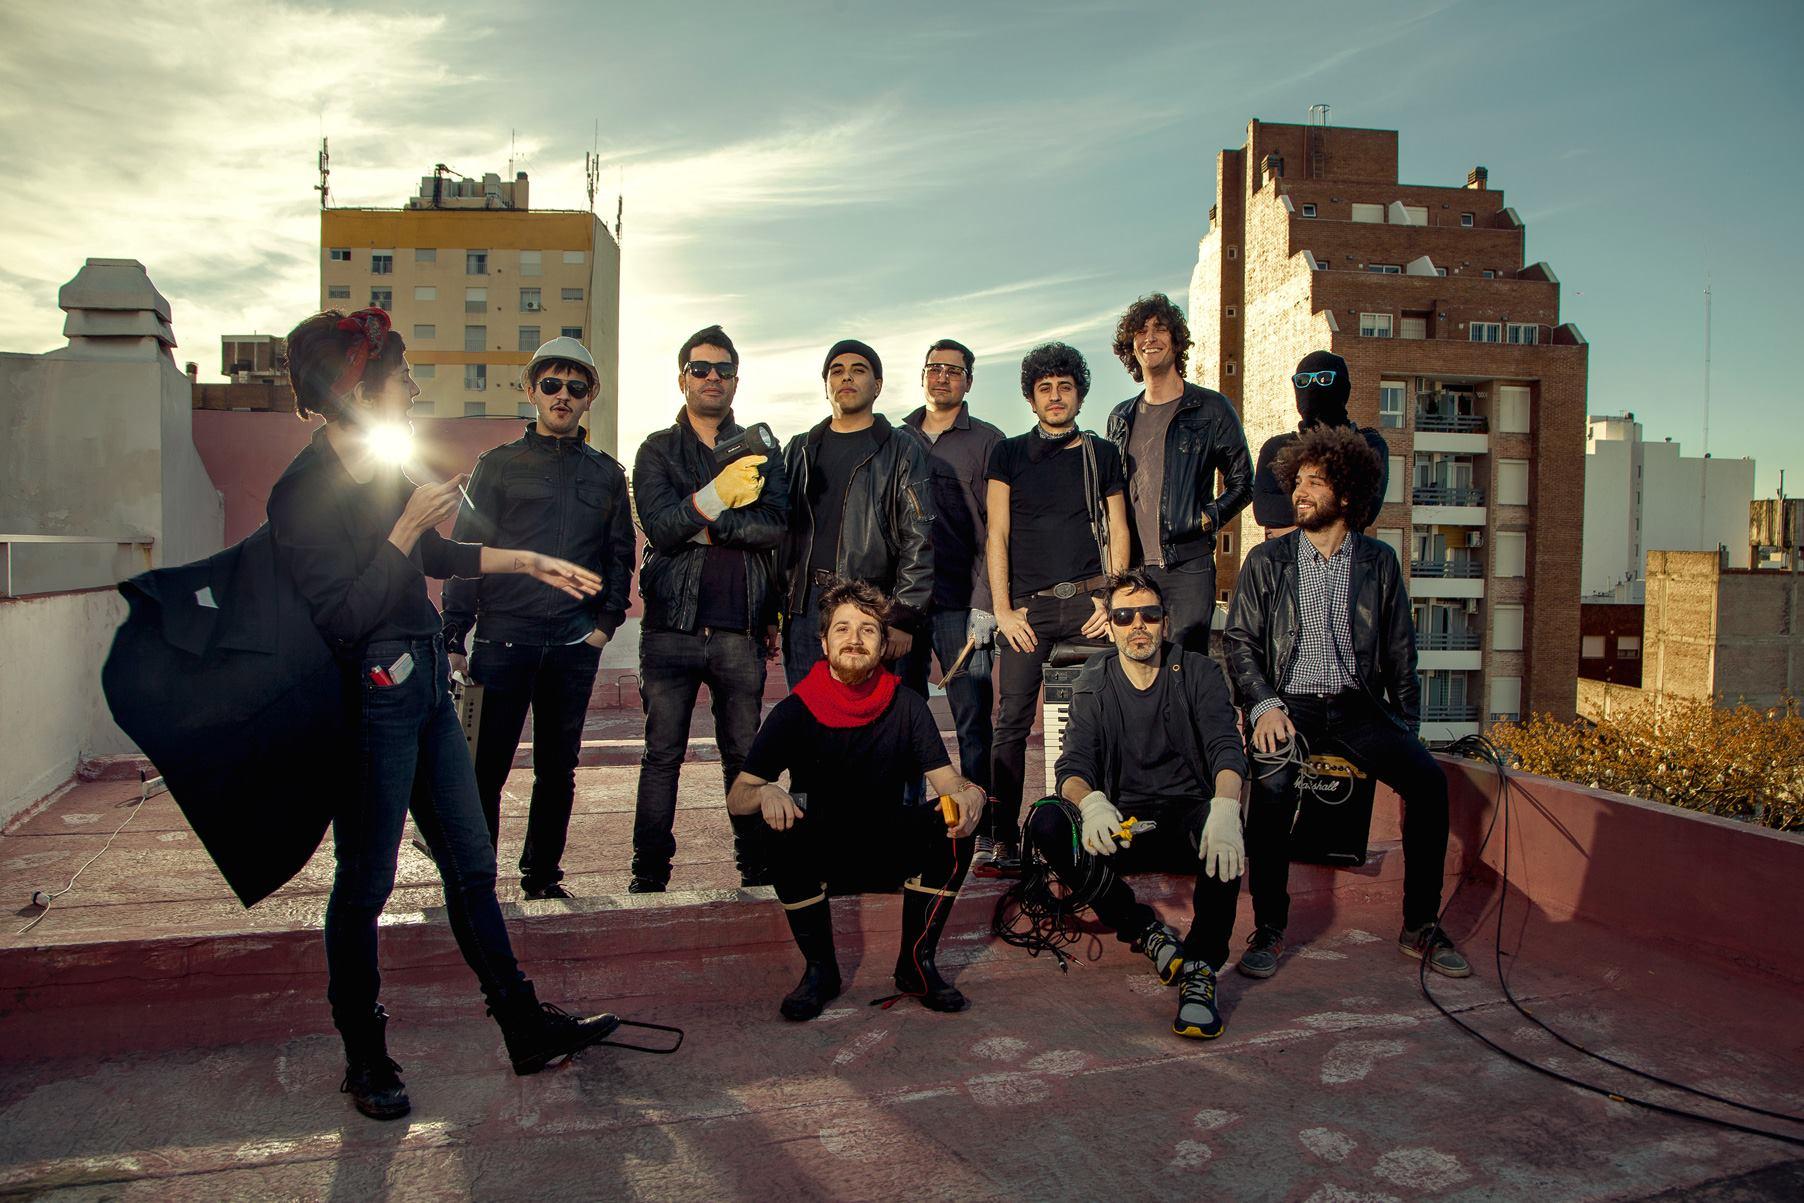 Disco Es Cultura Presenta: Apolo Beat + Un Día Perfecto Para El Pez Banana + Lautremont